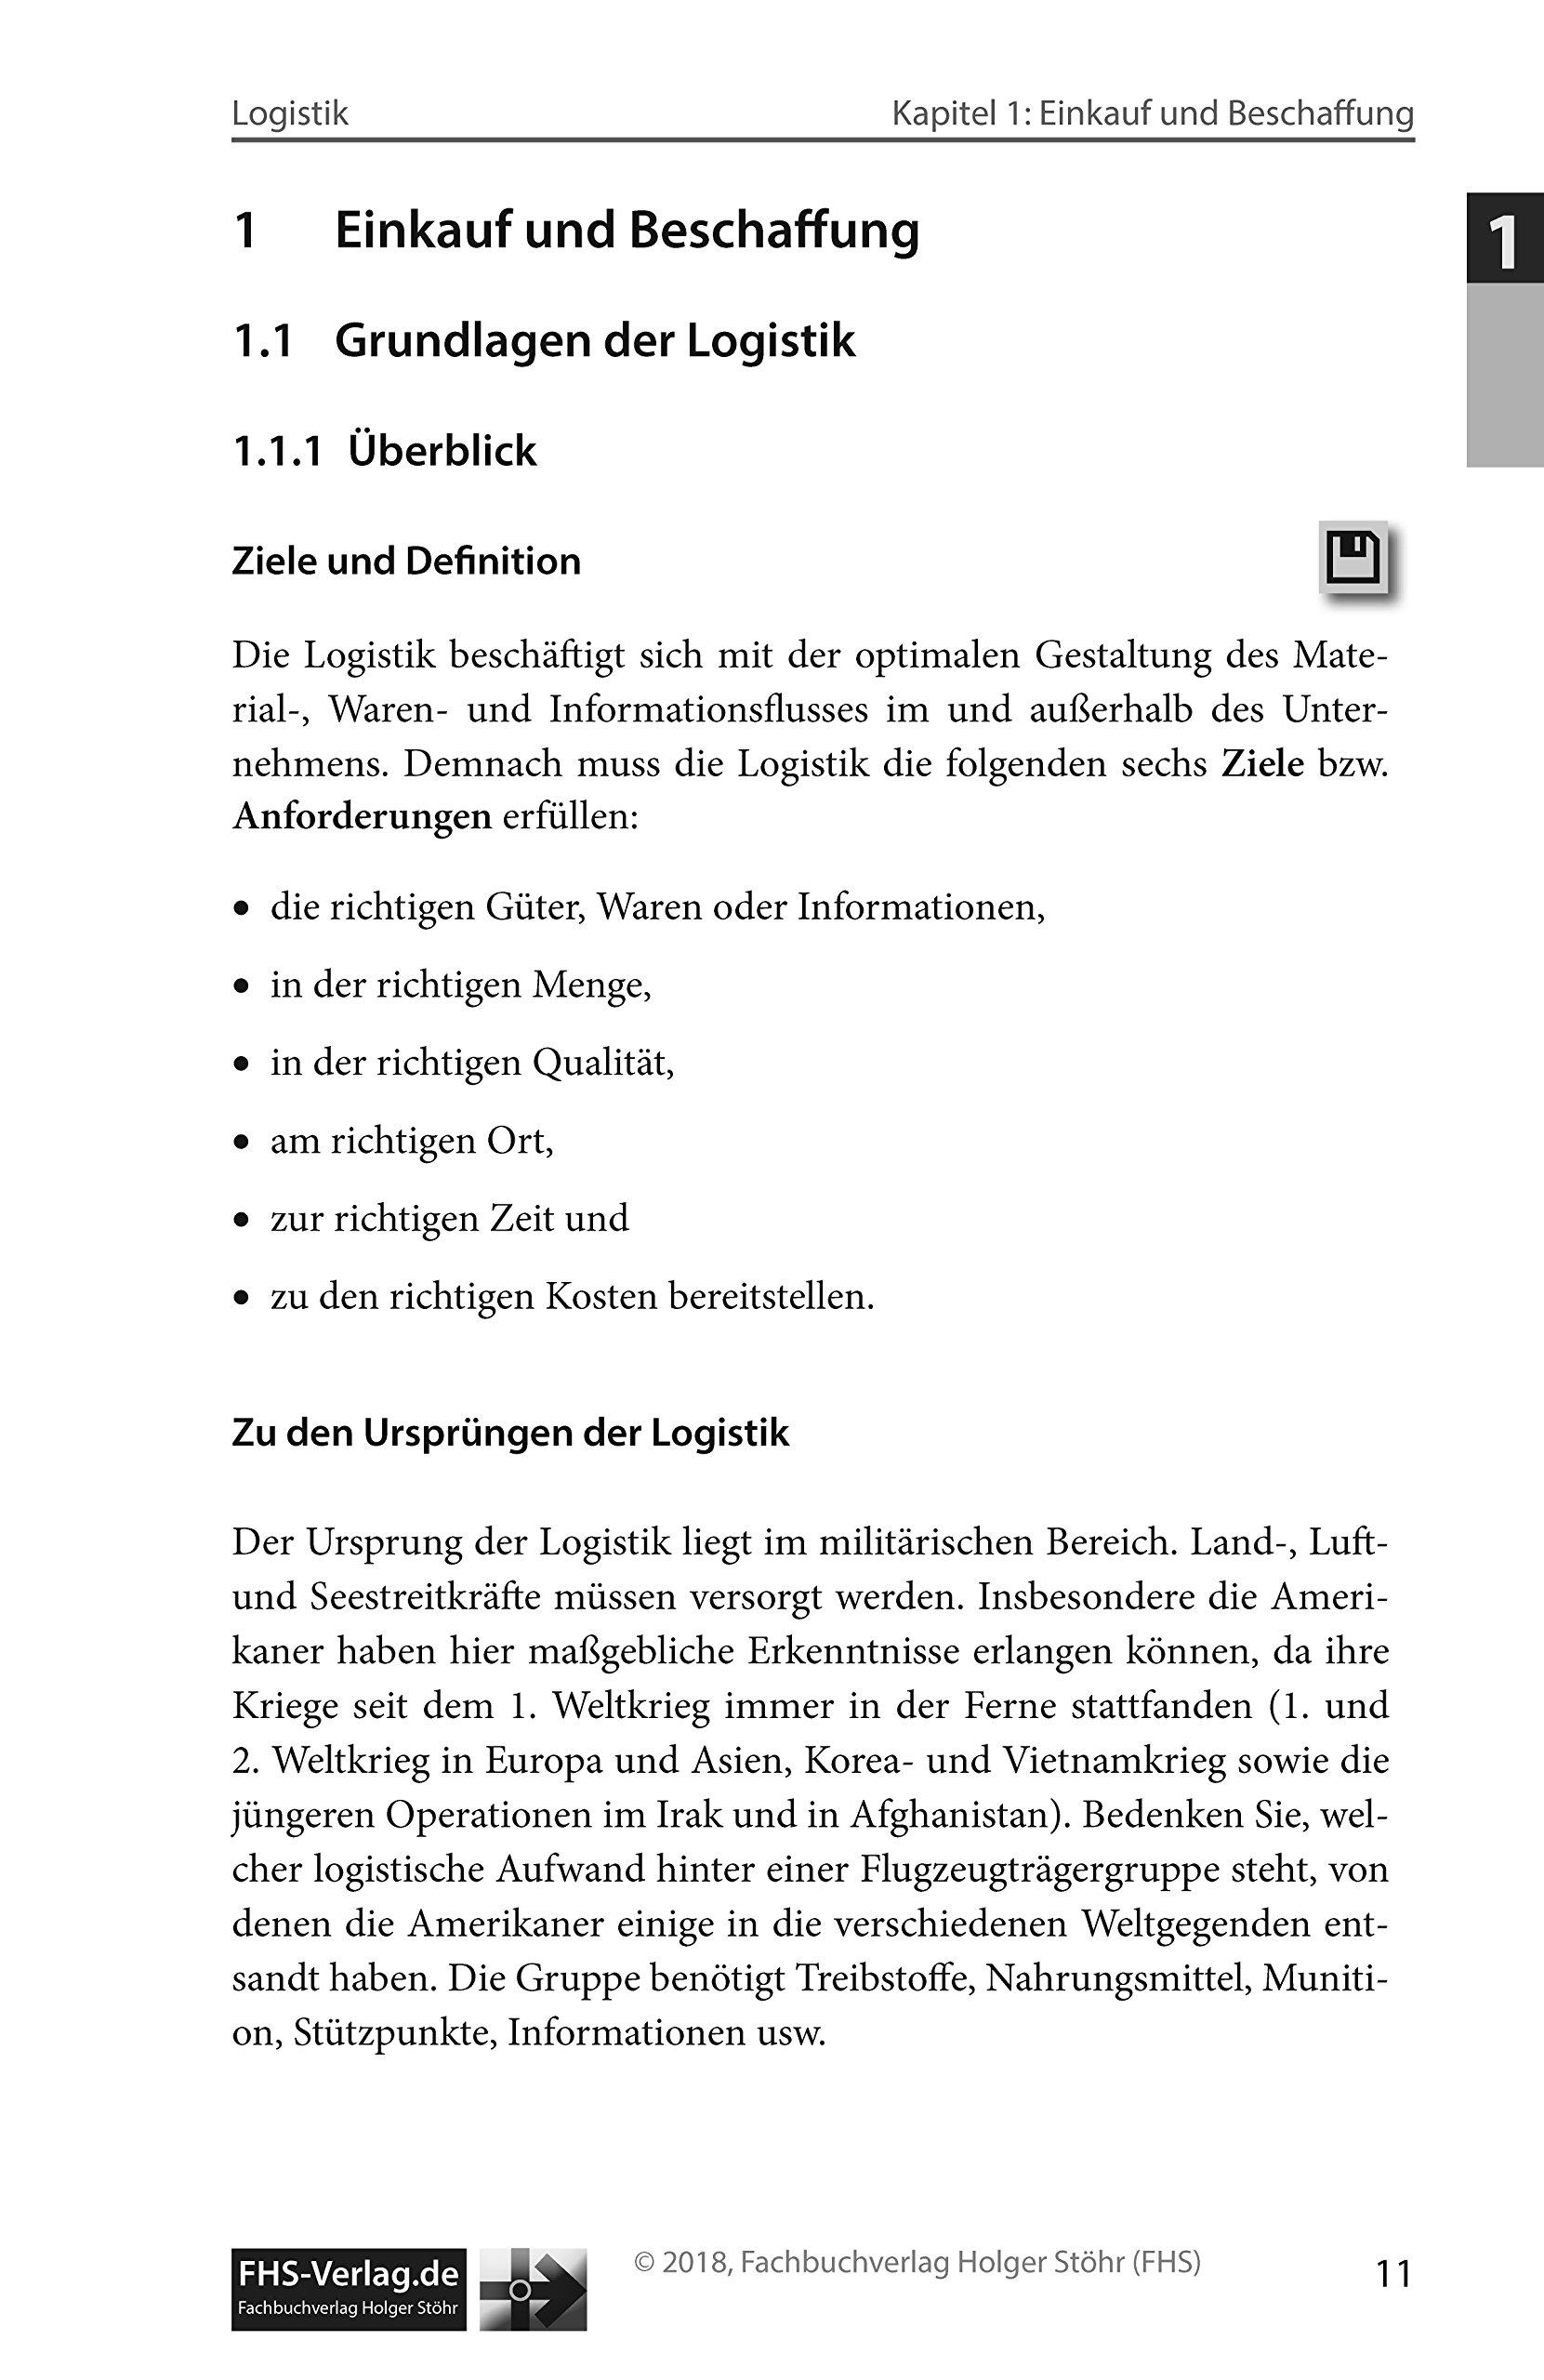 Nett Probenzusammenfassung Für Fastfood Kassiererposition Galerie ...